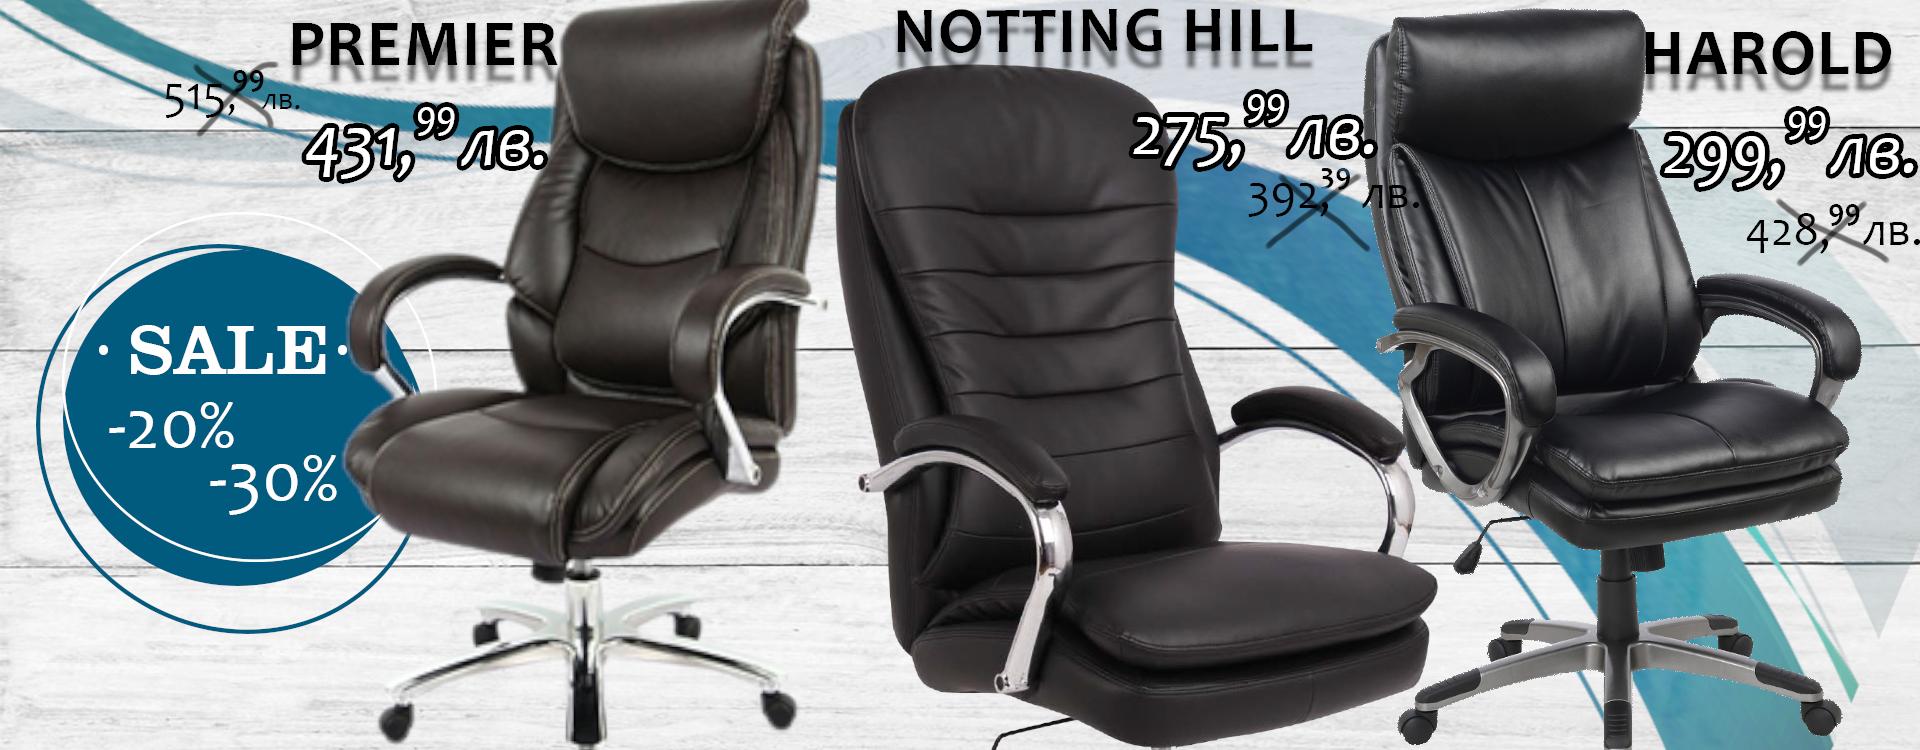 качествени столове - едни от най-добрите модели на пазара